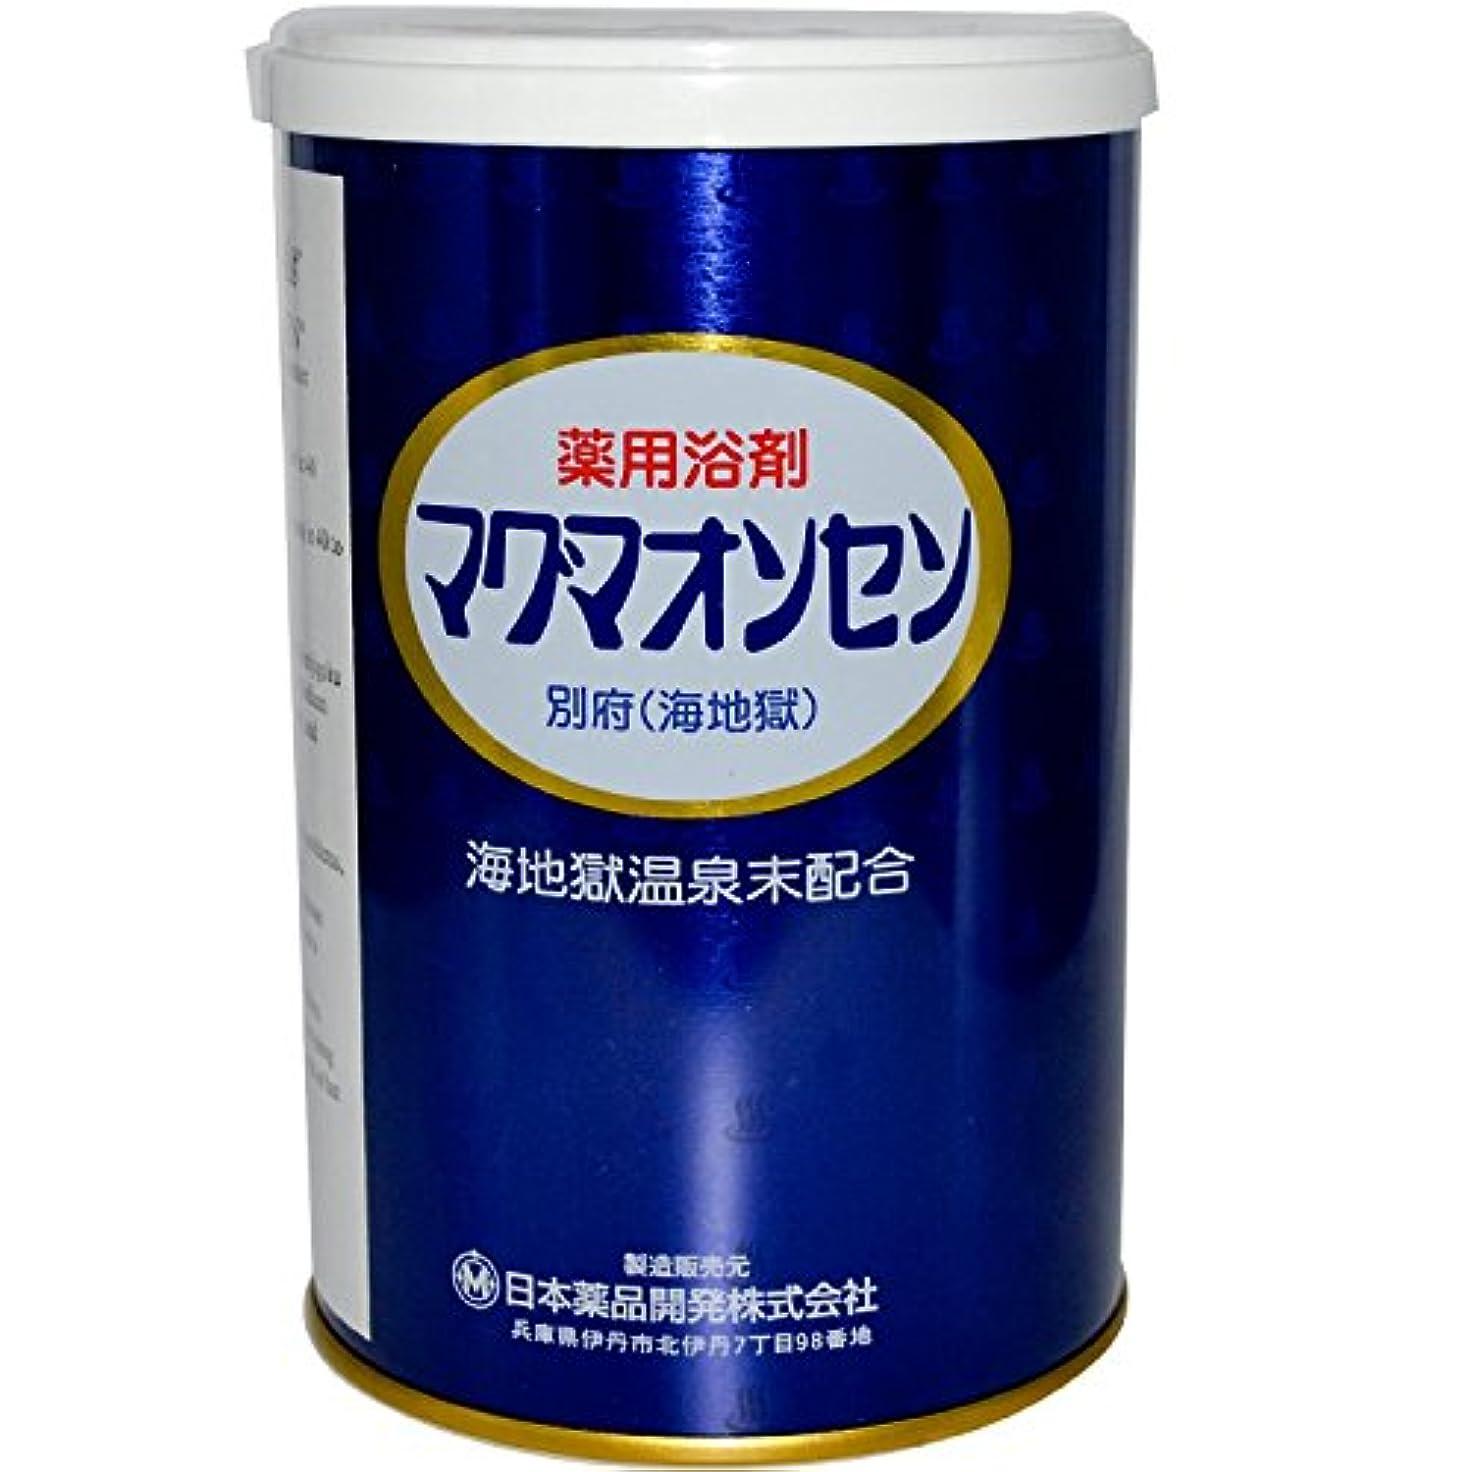 増幅器突破口ランクマグマオンセン別府(海地獄) 500g三缶